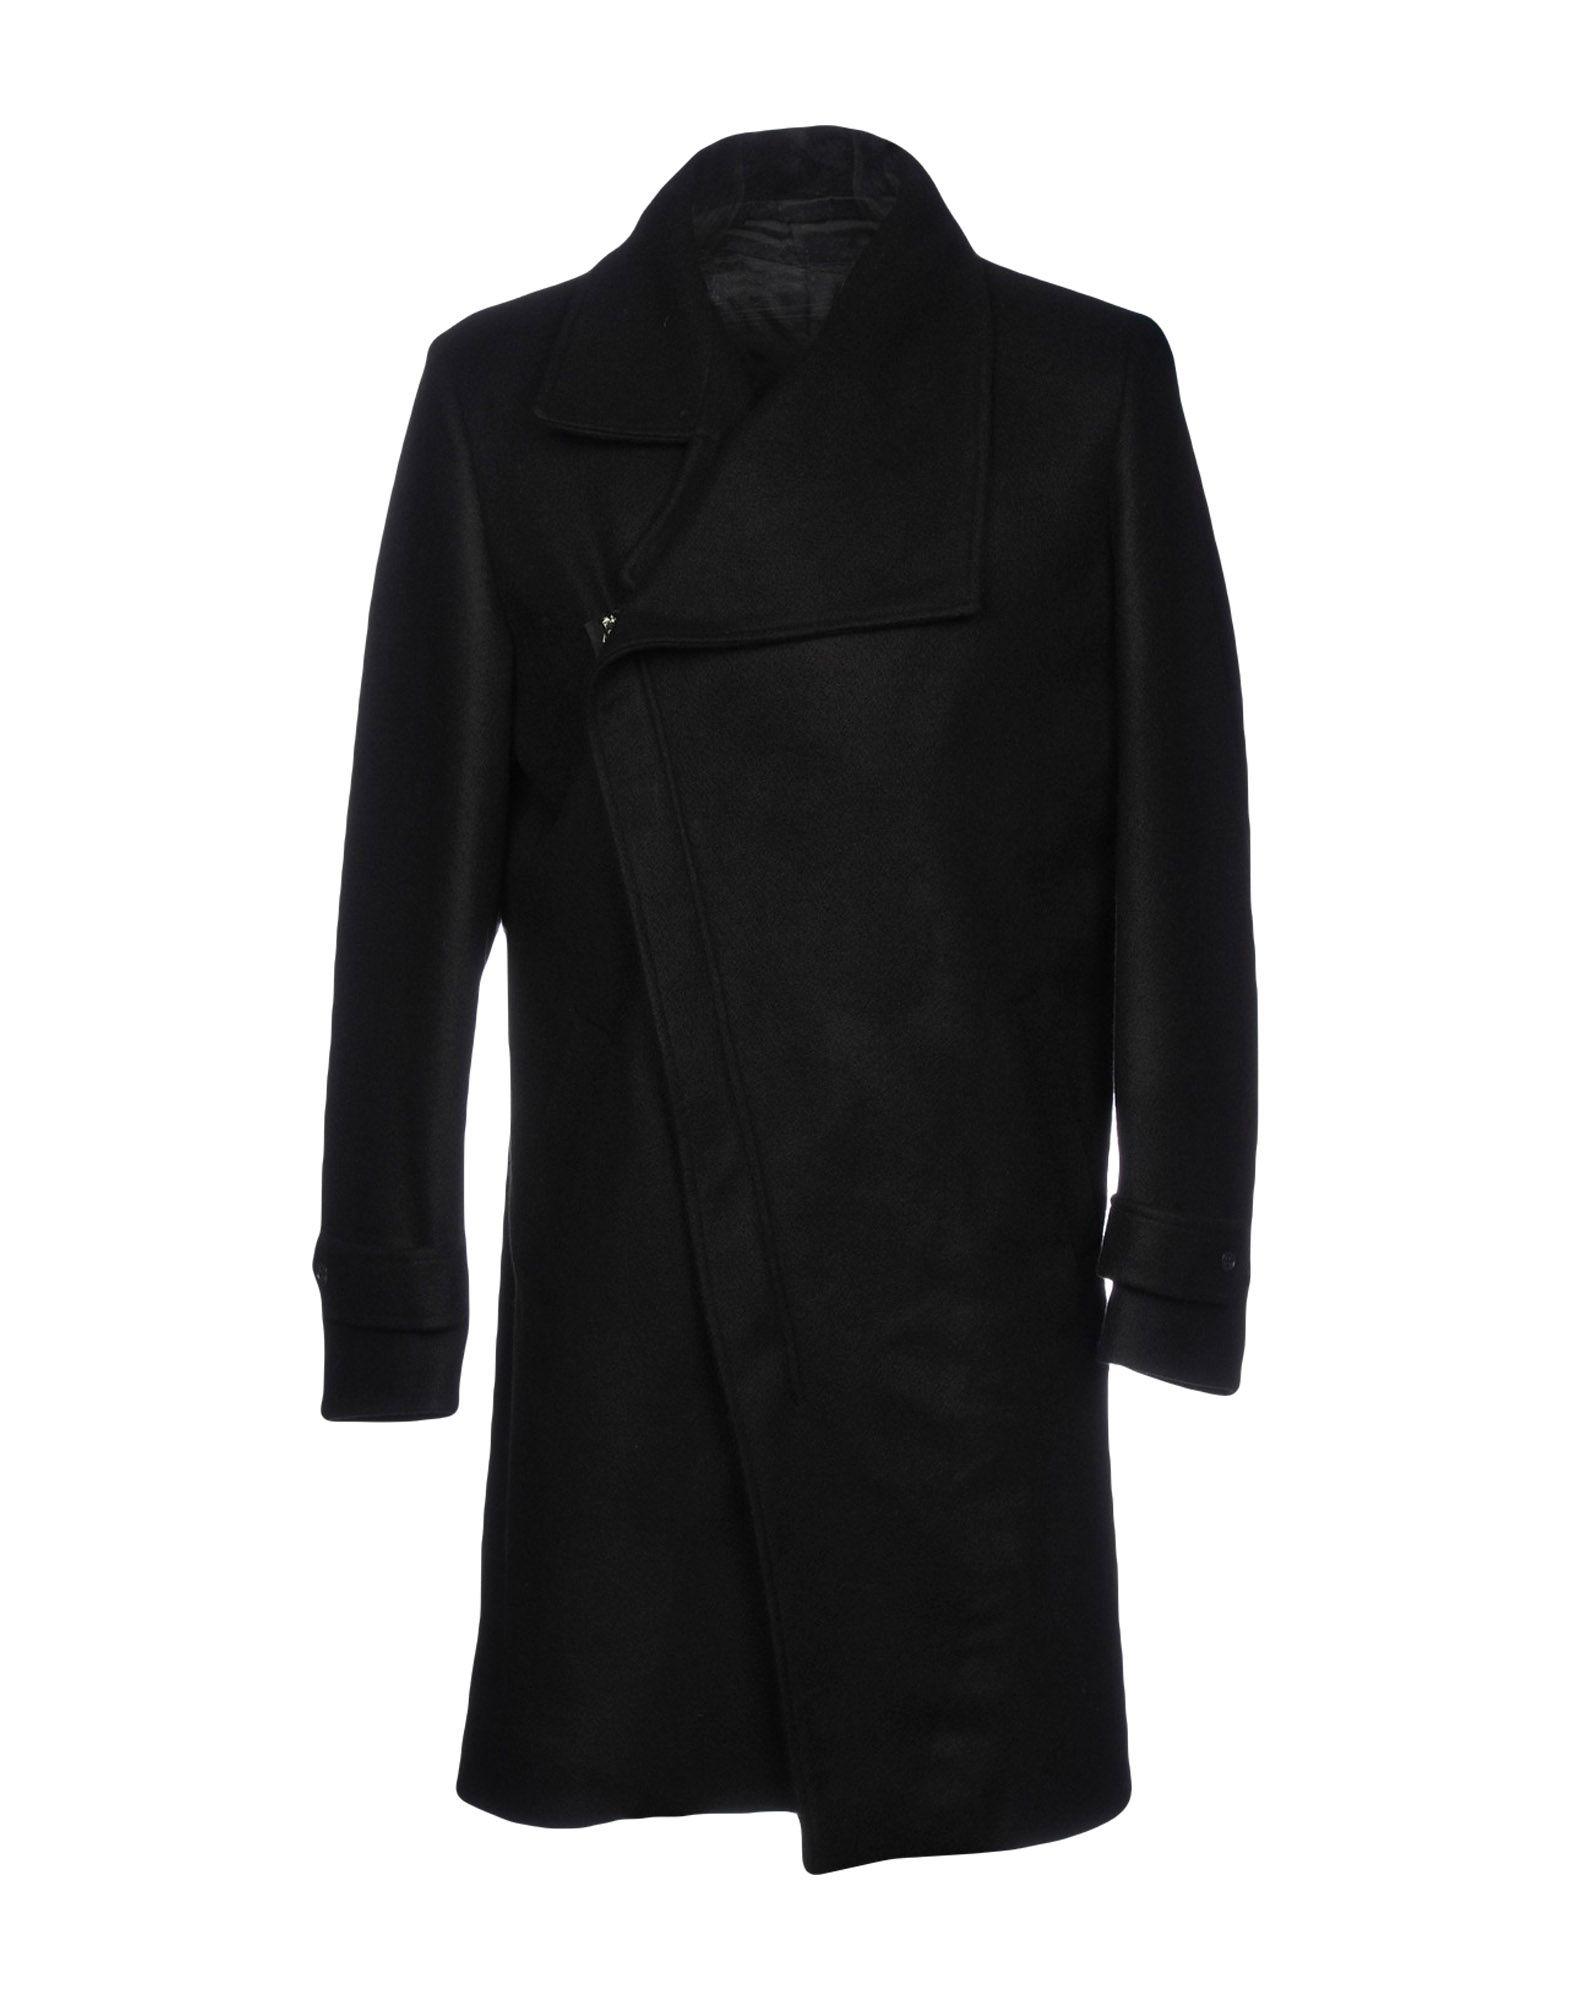 PAUL MIRANDA Пальто жен ожерелья с подвесками мода этнический перо черный цвет радуги темно зеленый 70cm ожерелье назначение праздники для улицы